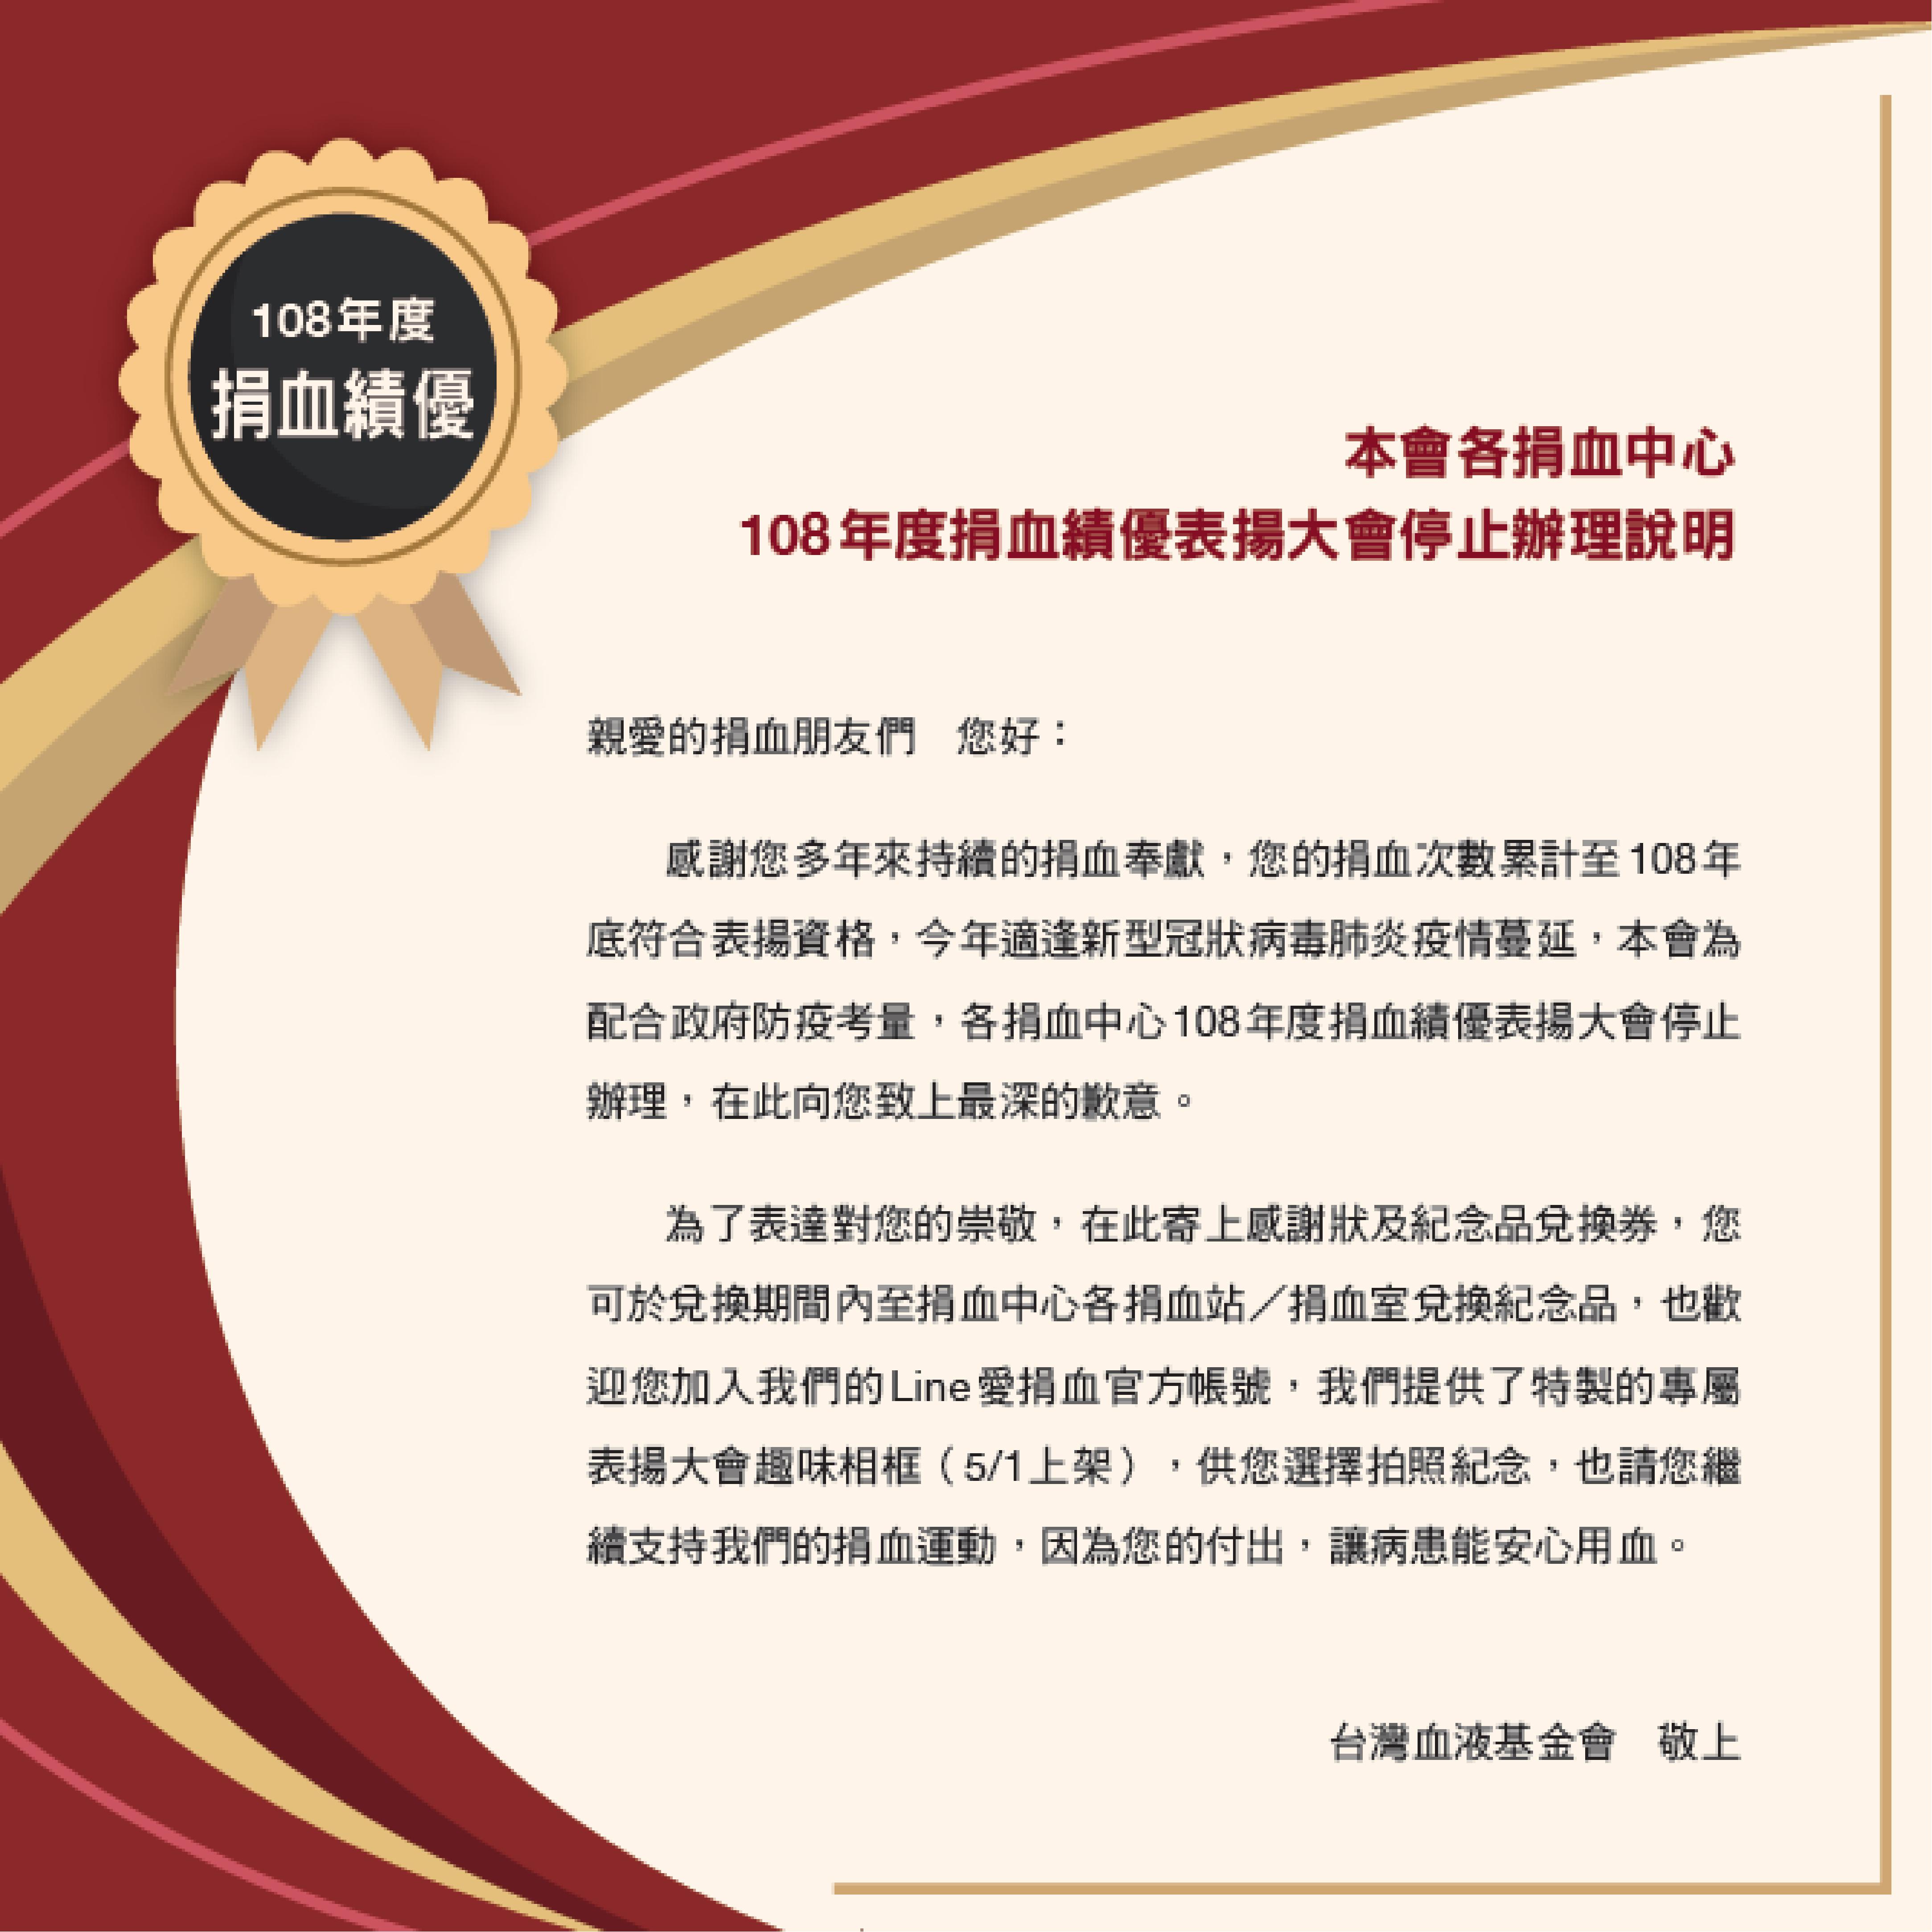 公告:本會各捐血中心108年度捐血績優表揚大會停止辦理